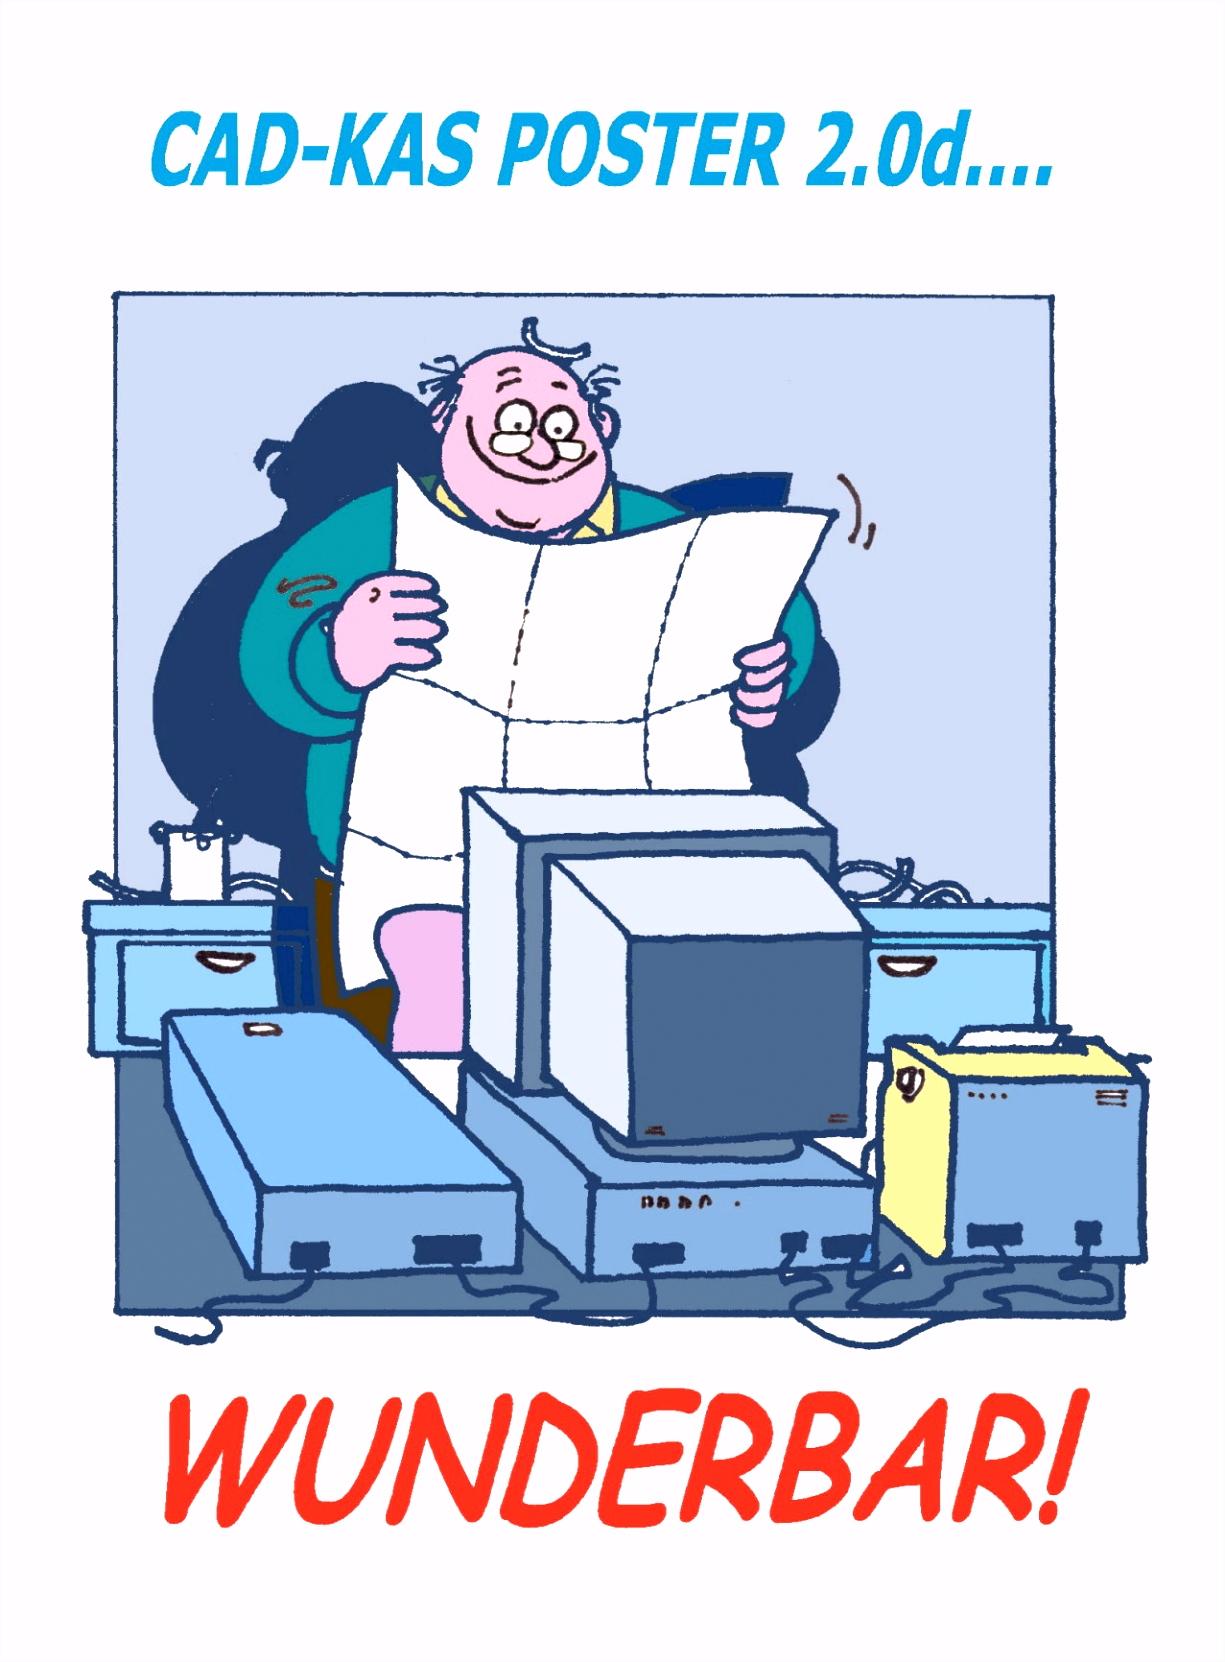 Etikettendruck Vorlagen Etikettendruck Excel Dann Adressaufkleber Drucken Etiketten Drucken T3ag96uys3 isxjvmnuv4